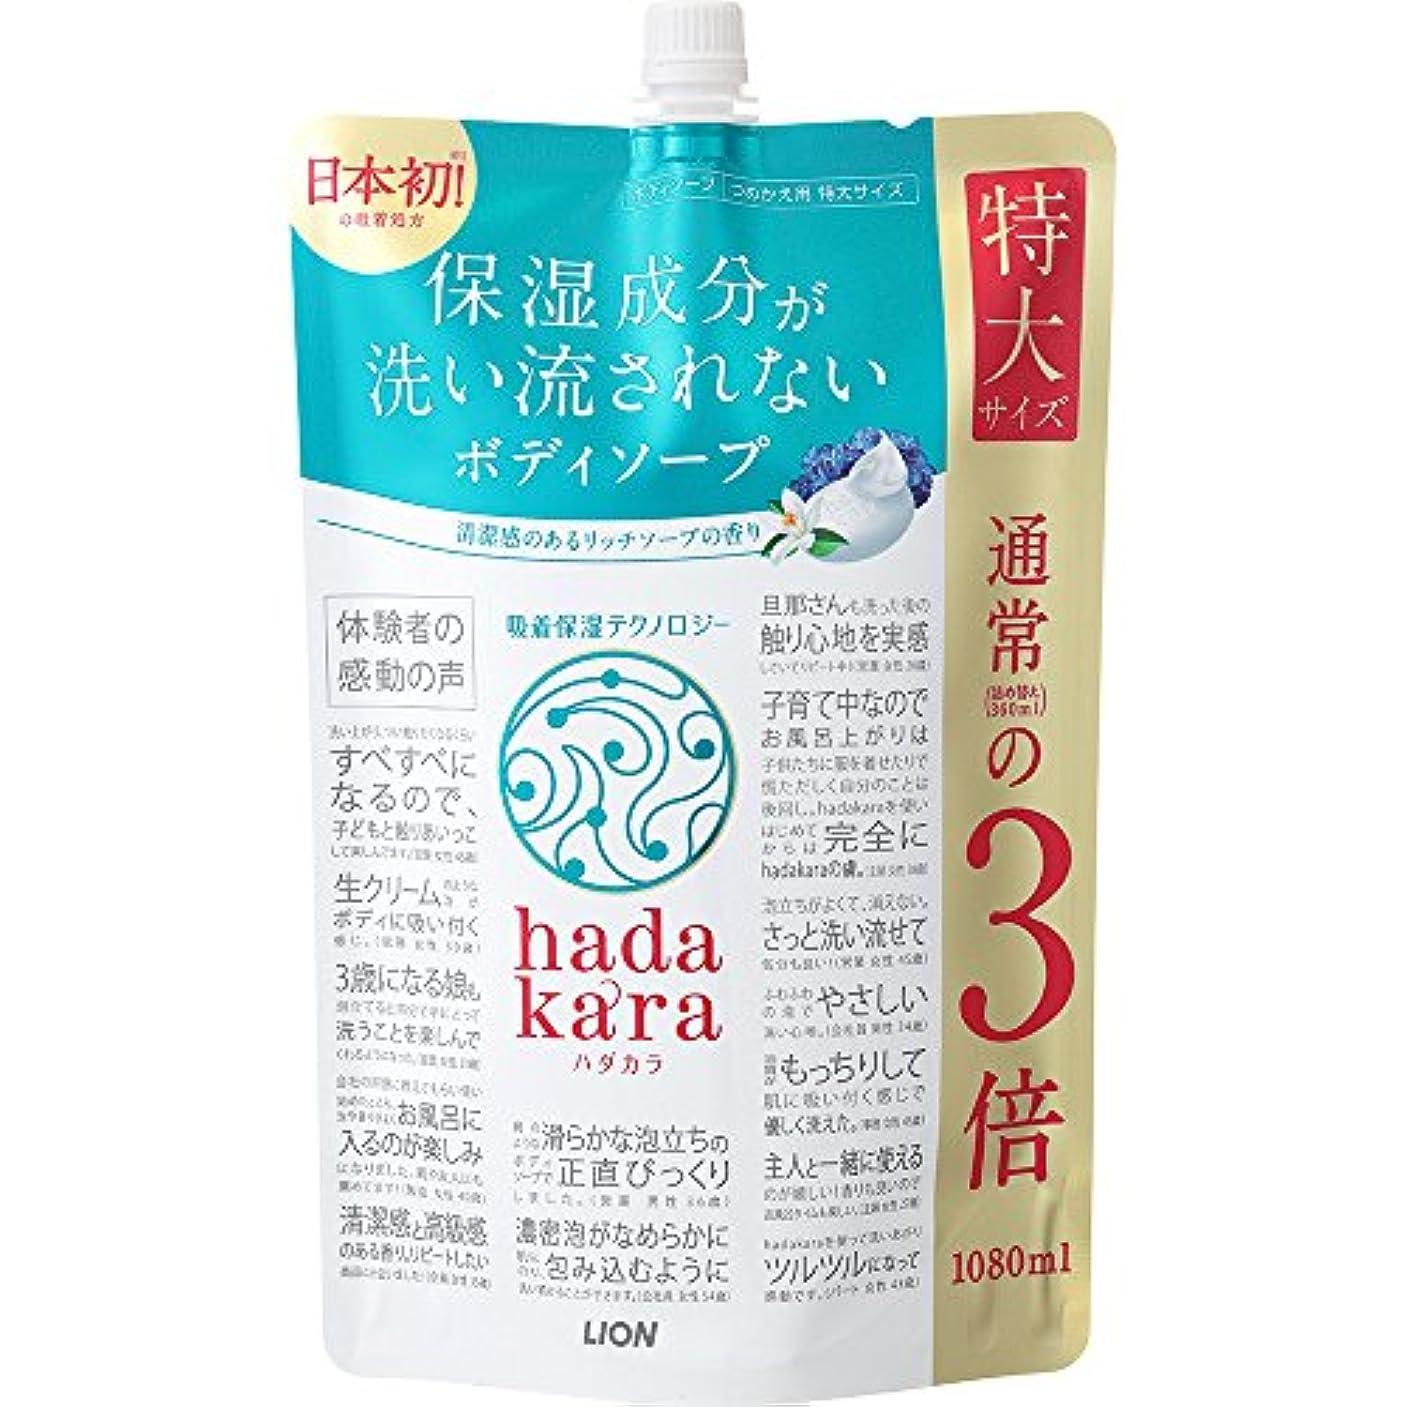 フリンジ可聴第四【大容量】hadakara(ハダカラ) ボディソープ リッチソープの香り 詰め替え 特大 1080ml